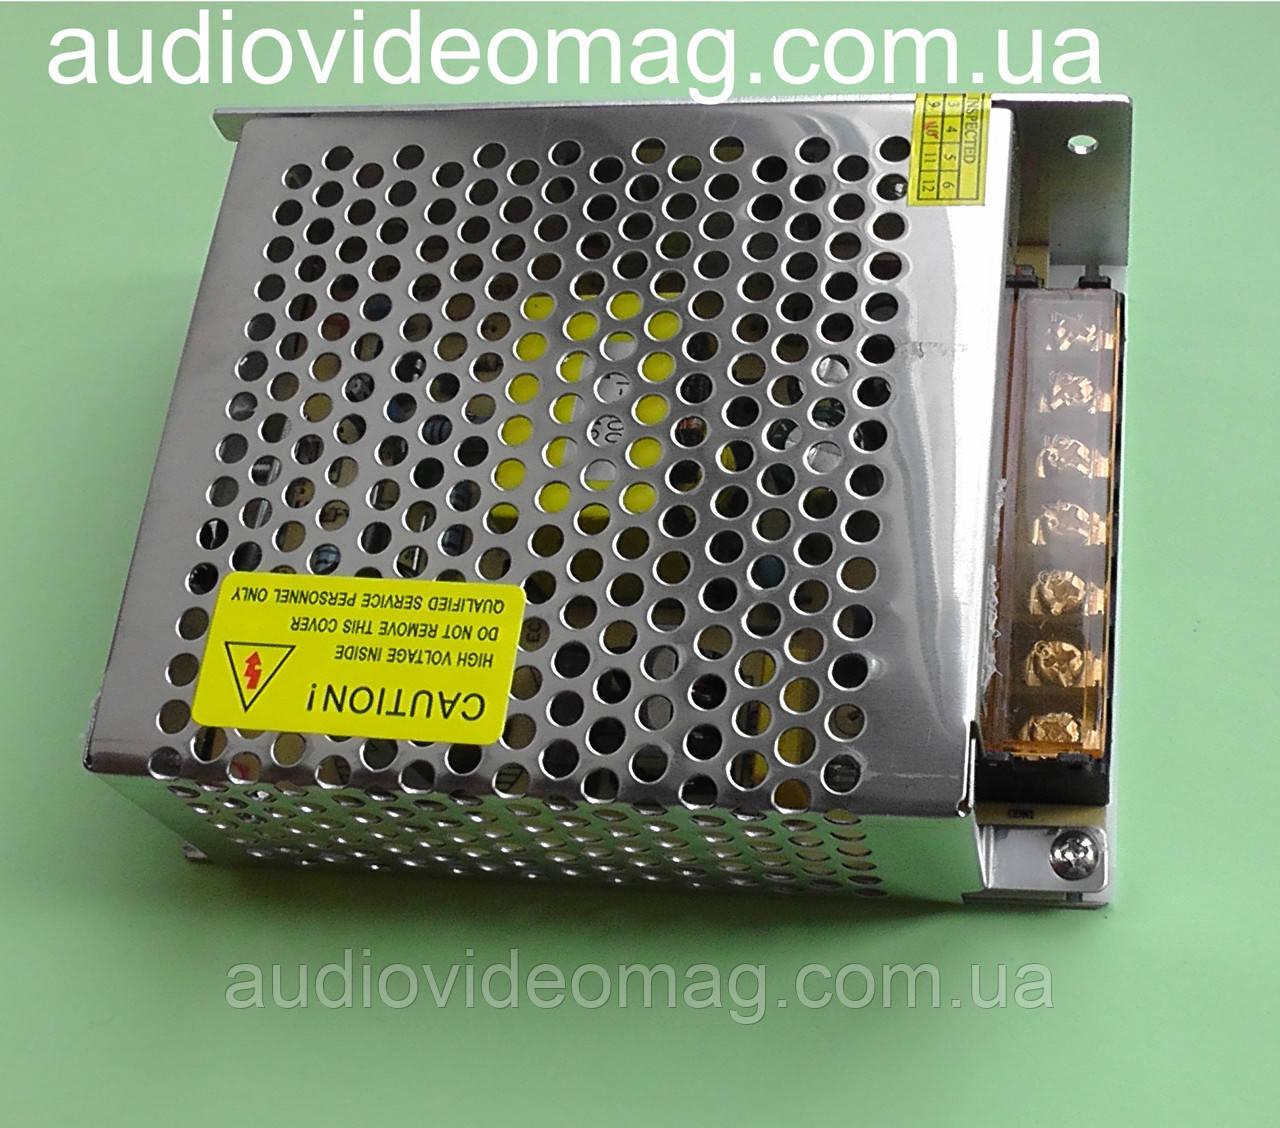 Блок питания 12V 10A (IP20) 120 Wt для светодиодных лент